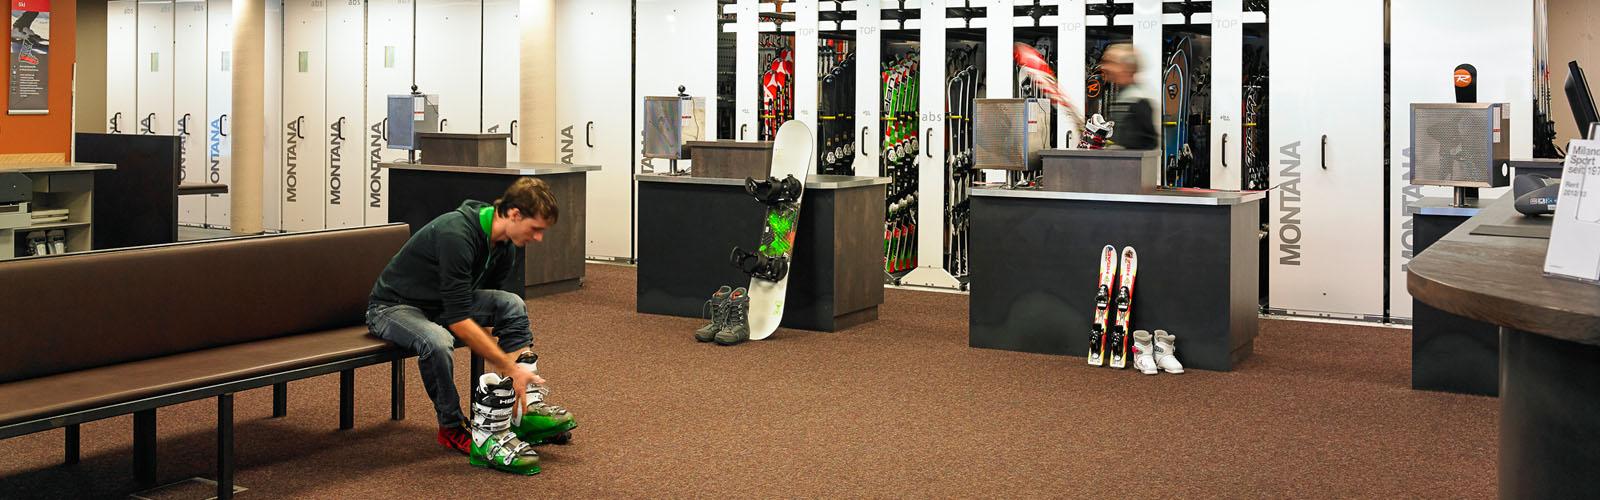 Sport Milanovic - Skischuhe kaufen mit guter Beratung